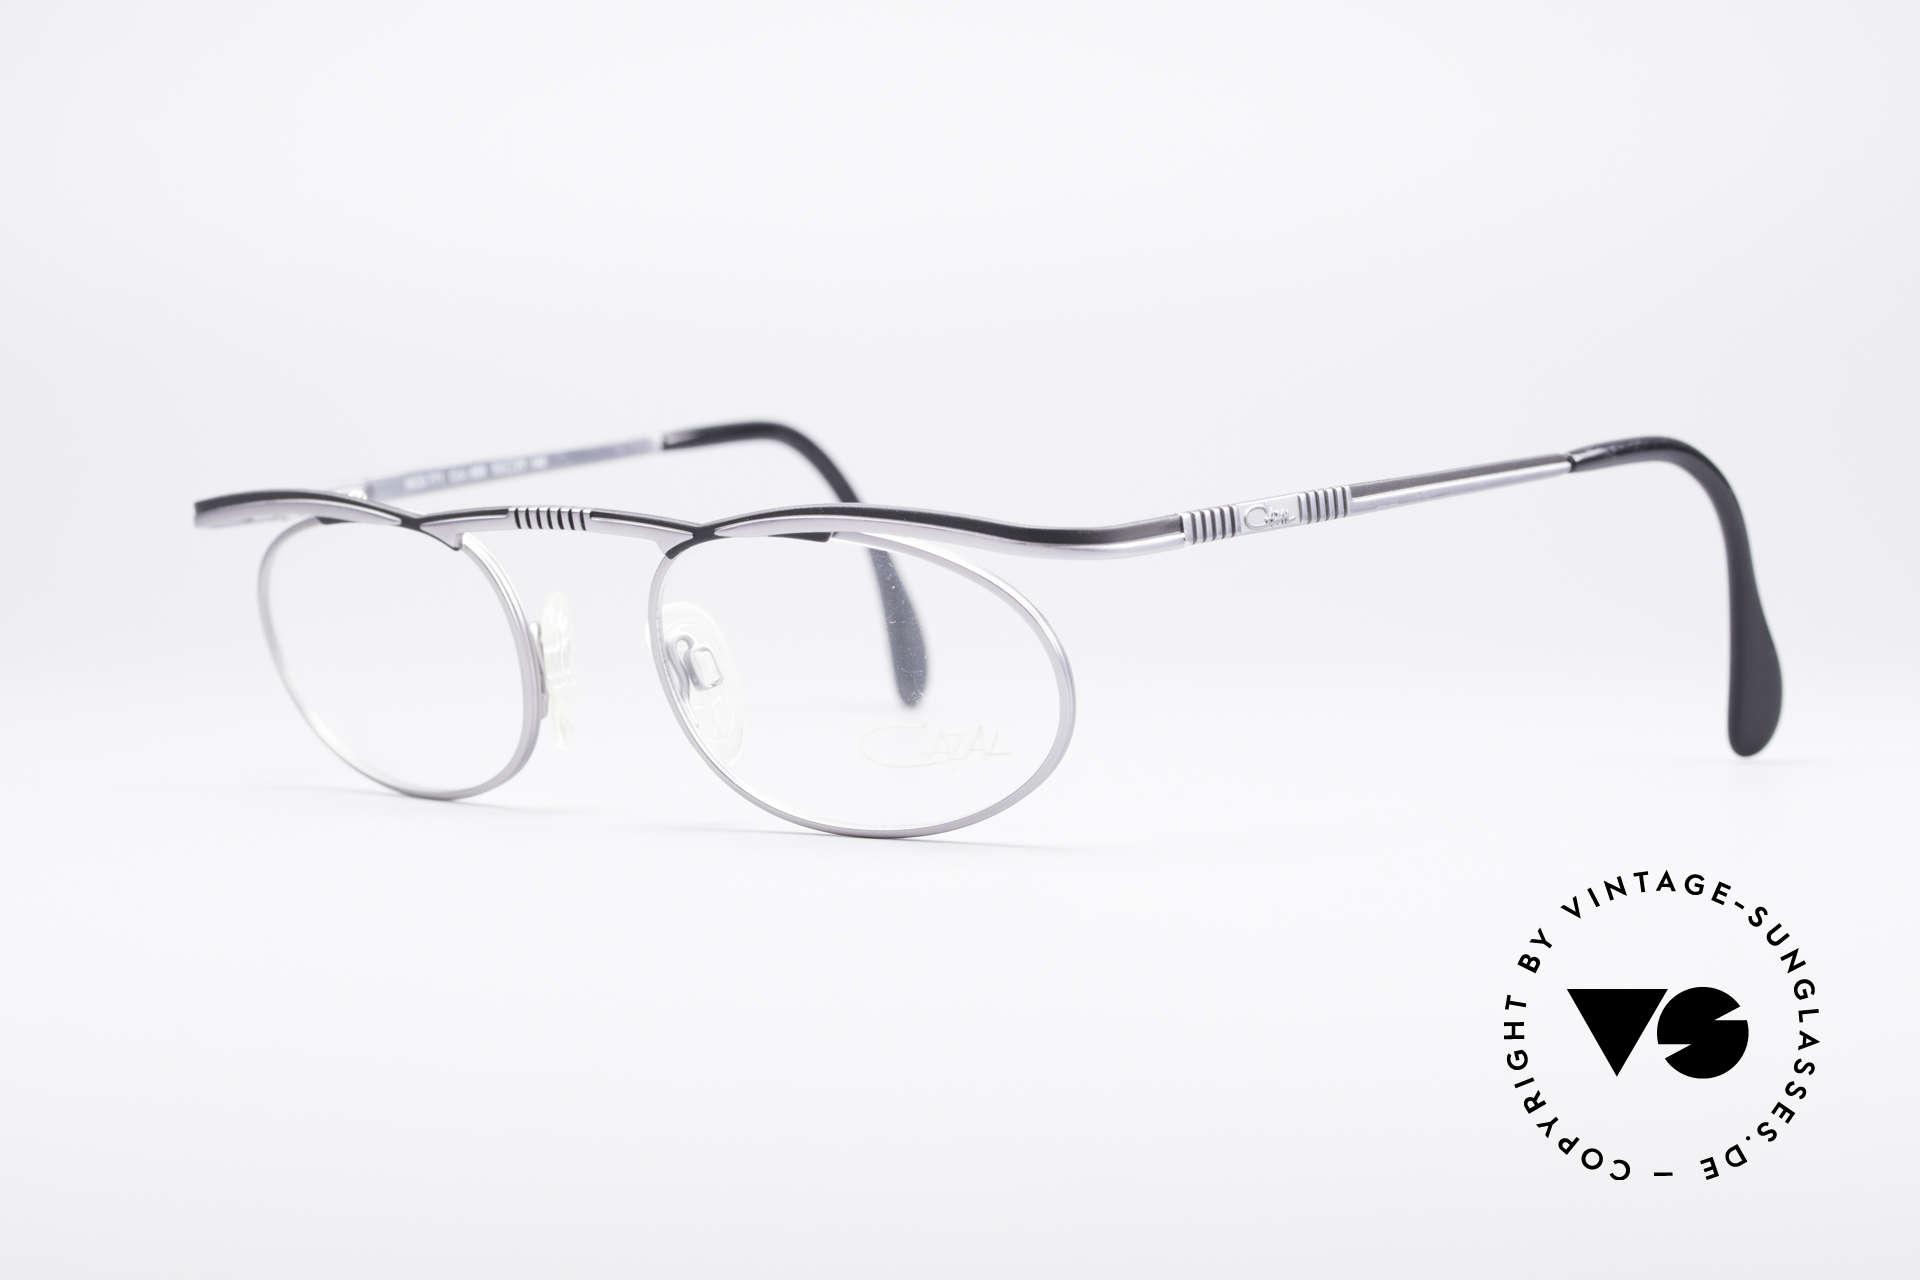 Cazal 771 90er Original KEINE Retrobrille, entsprechend hoher Tragekomfort (Top-Qualität), Passend für Herren und Damen